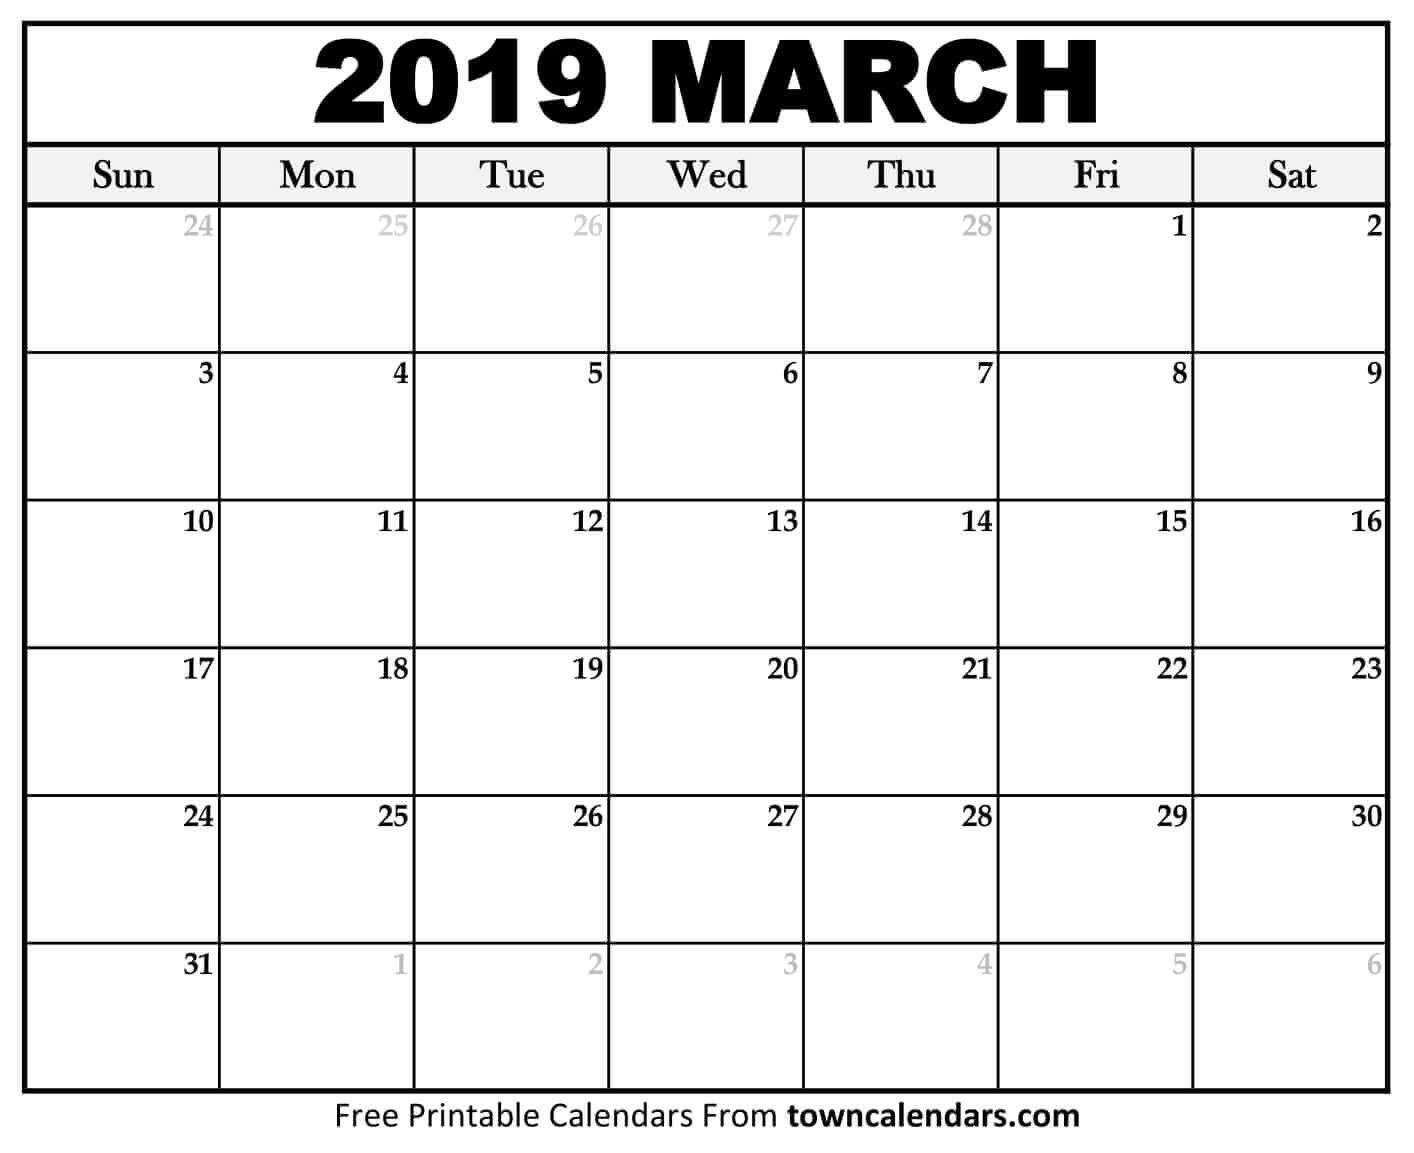 Printable March 2019 Calendar – Towncalendars March 4 2019 Calendar